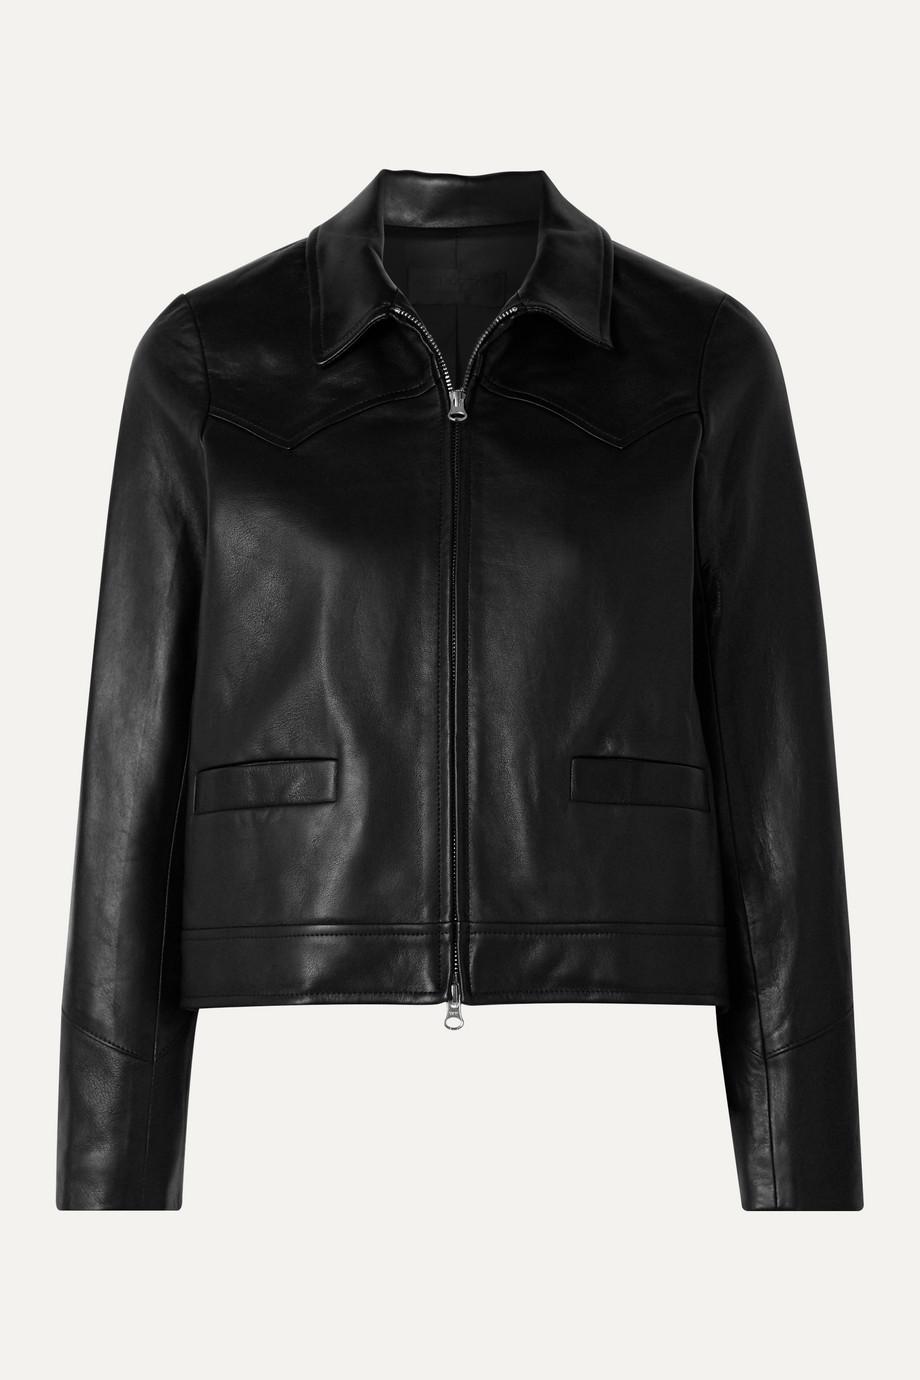 Nili Lotan Jaley leather jacket